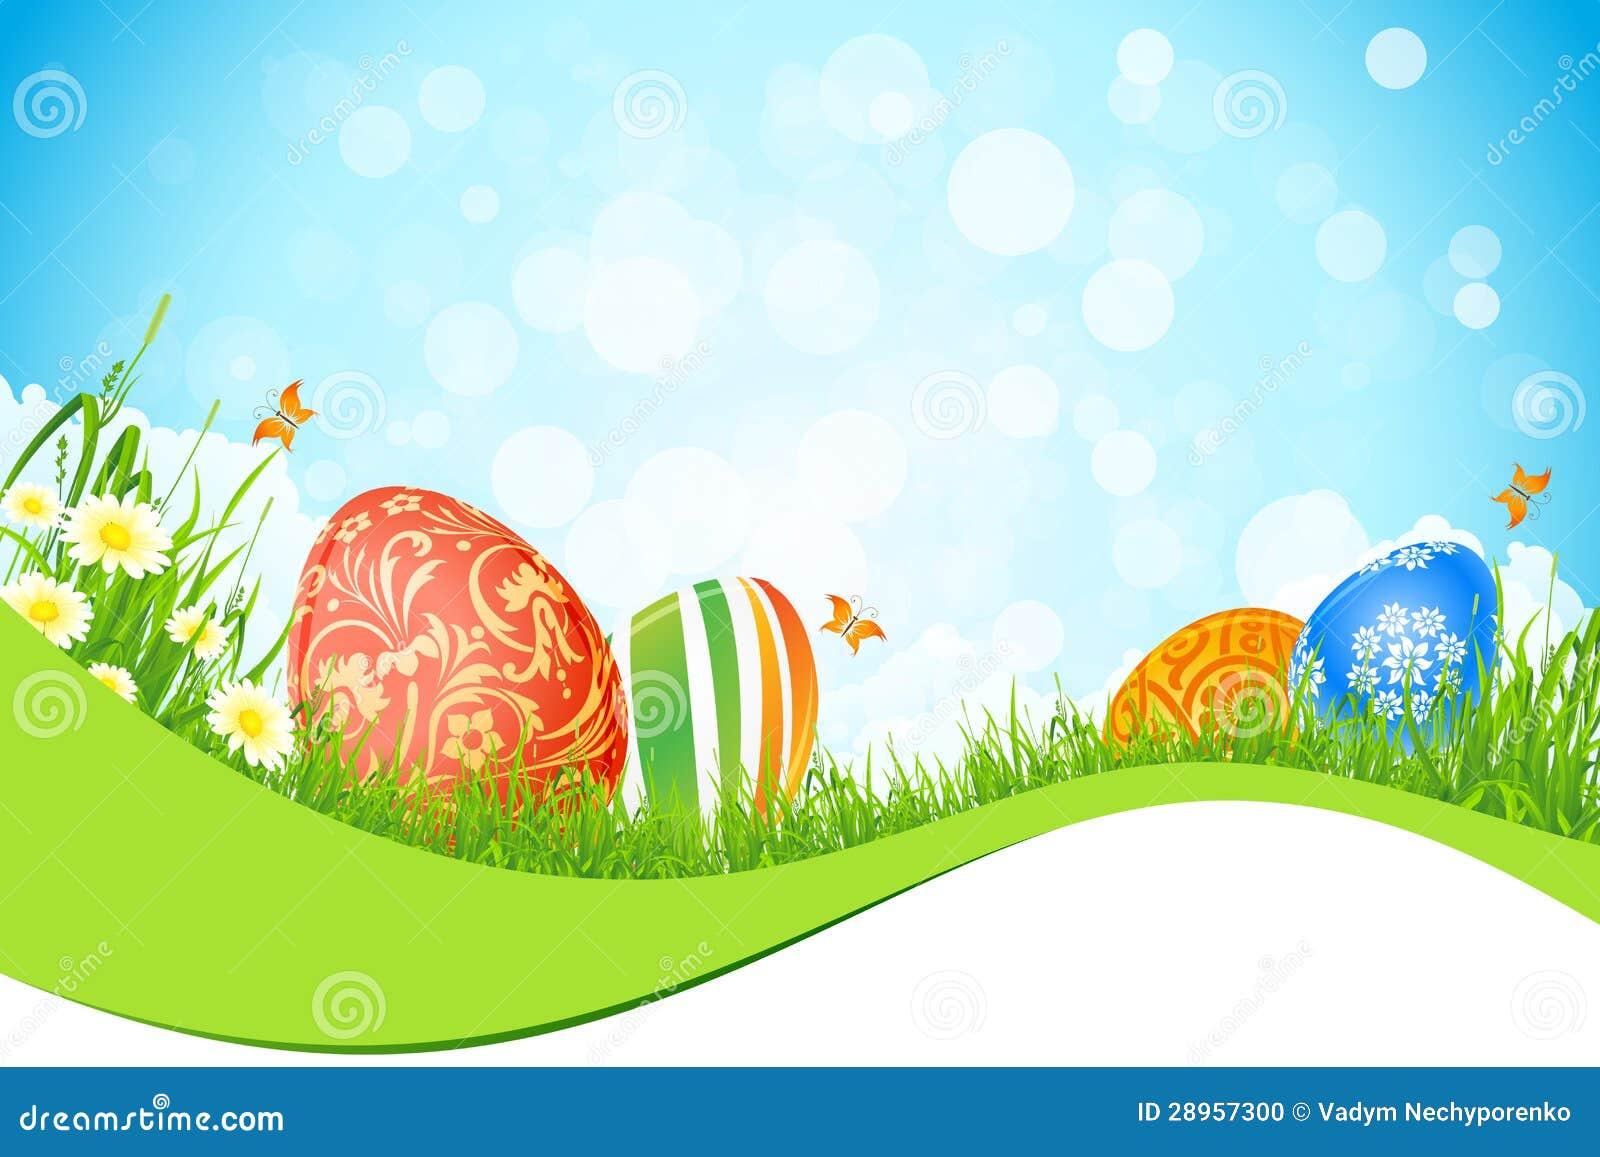 Piękny Wielkanocny Wakacyjny tło